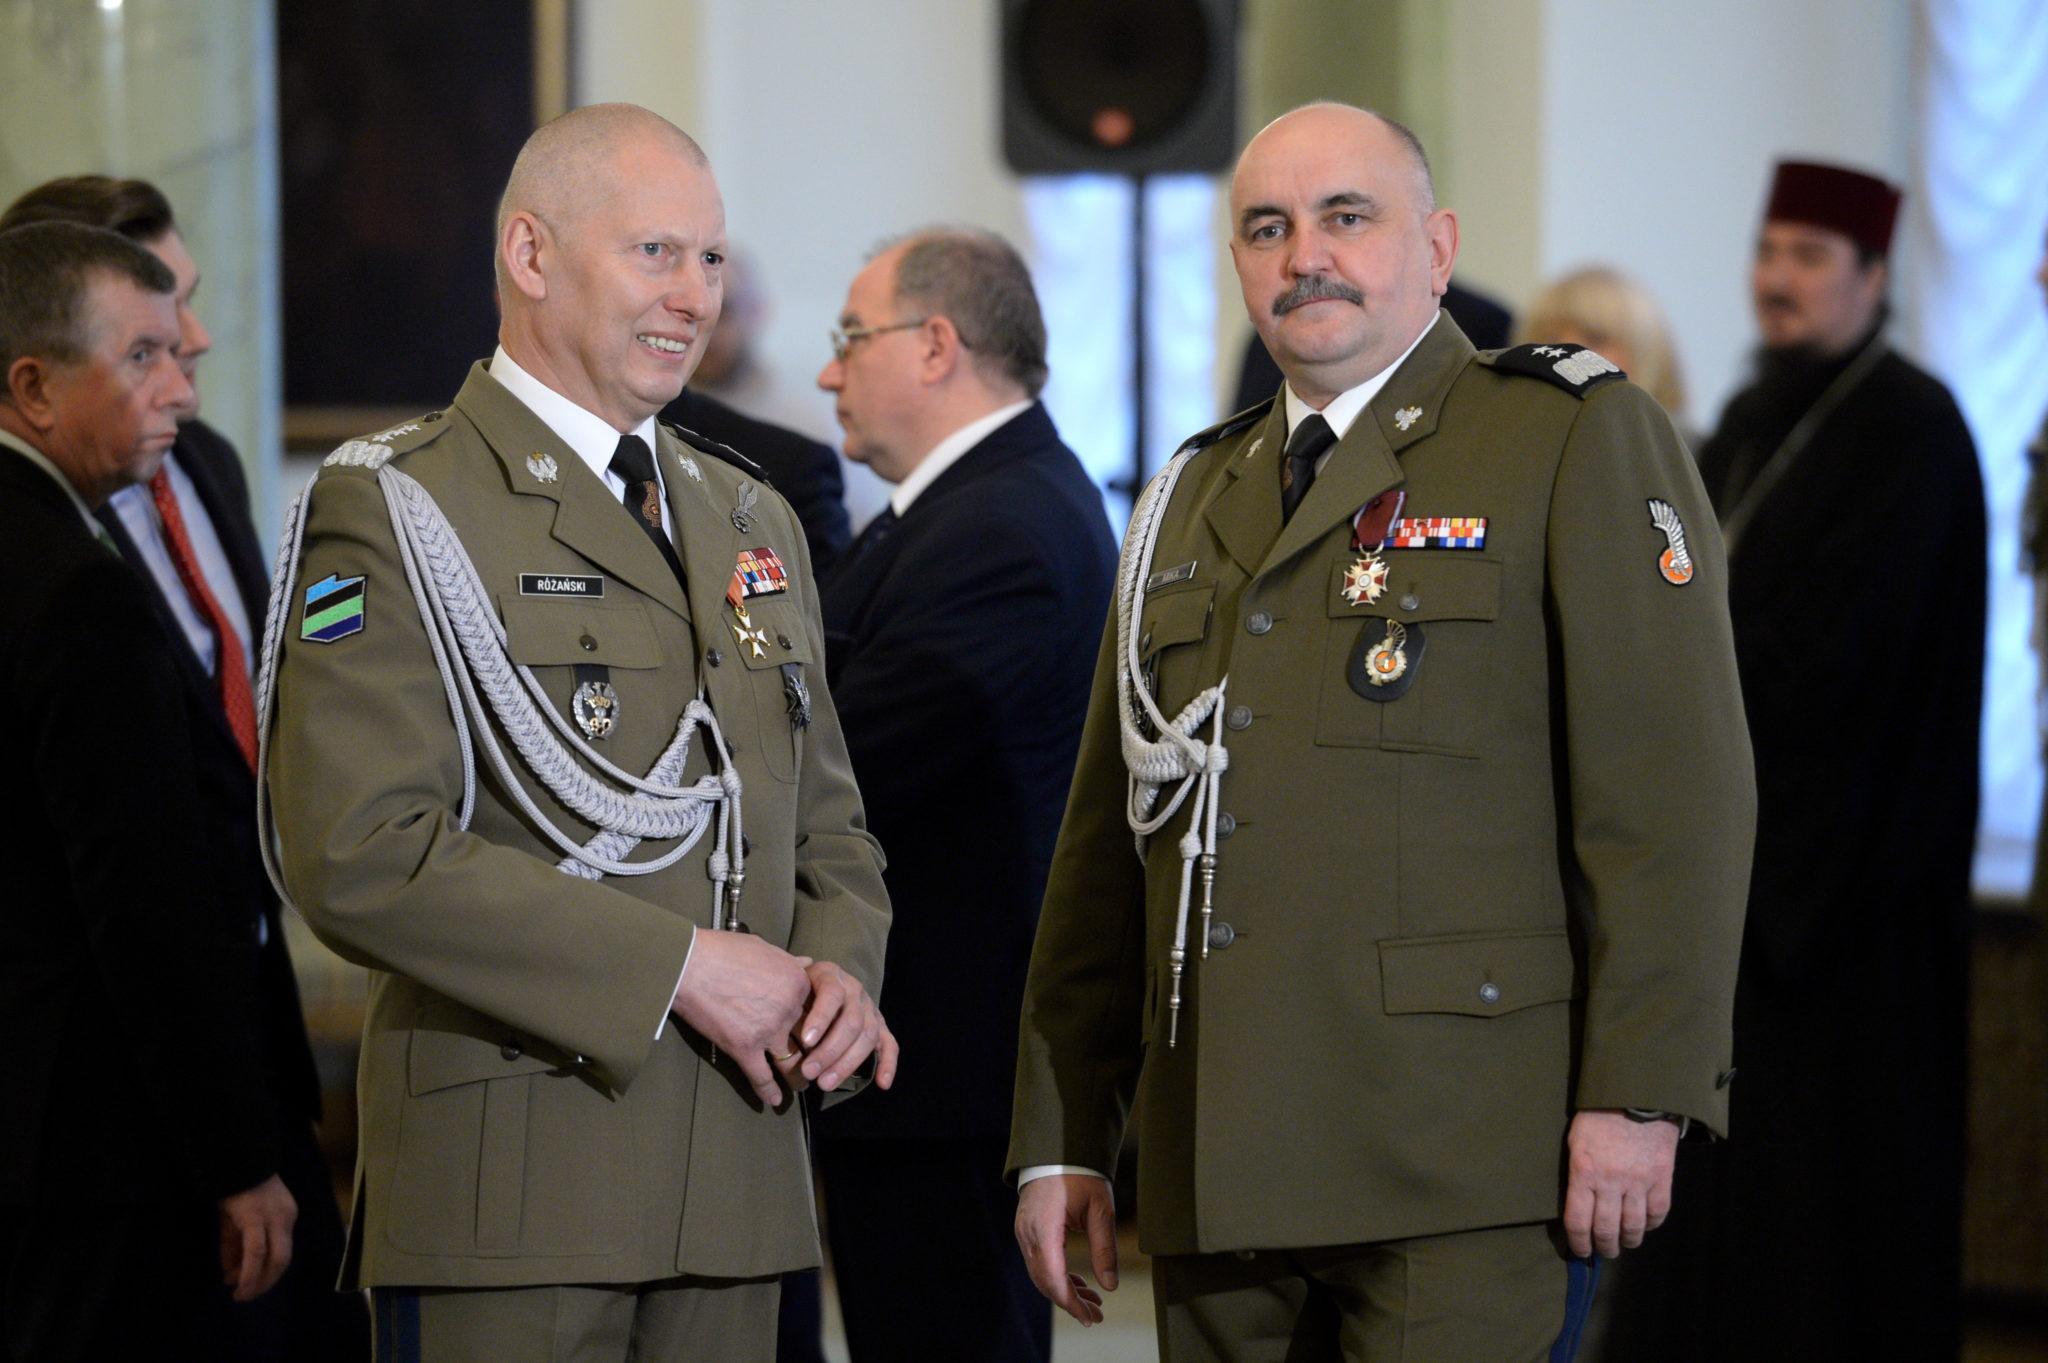 Polska: nominacja gen. Jarosława Miki na Dowódcę Generalnego Polskich Sił Zbrojnych (foto. PAP/Jacek Turczyk)